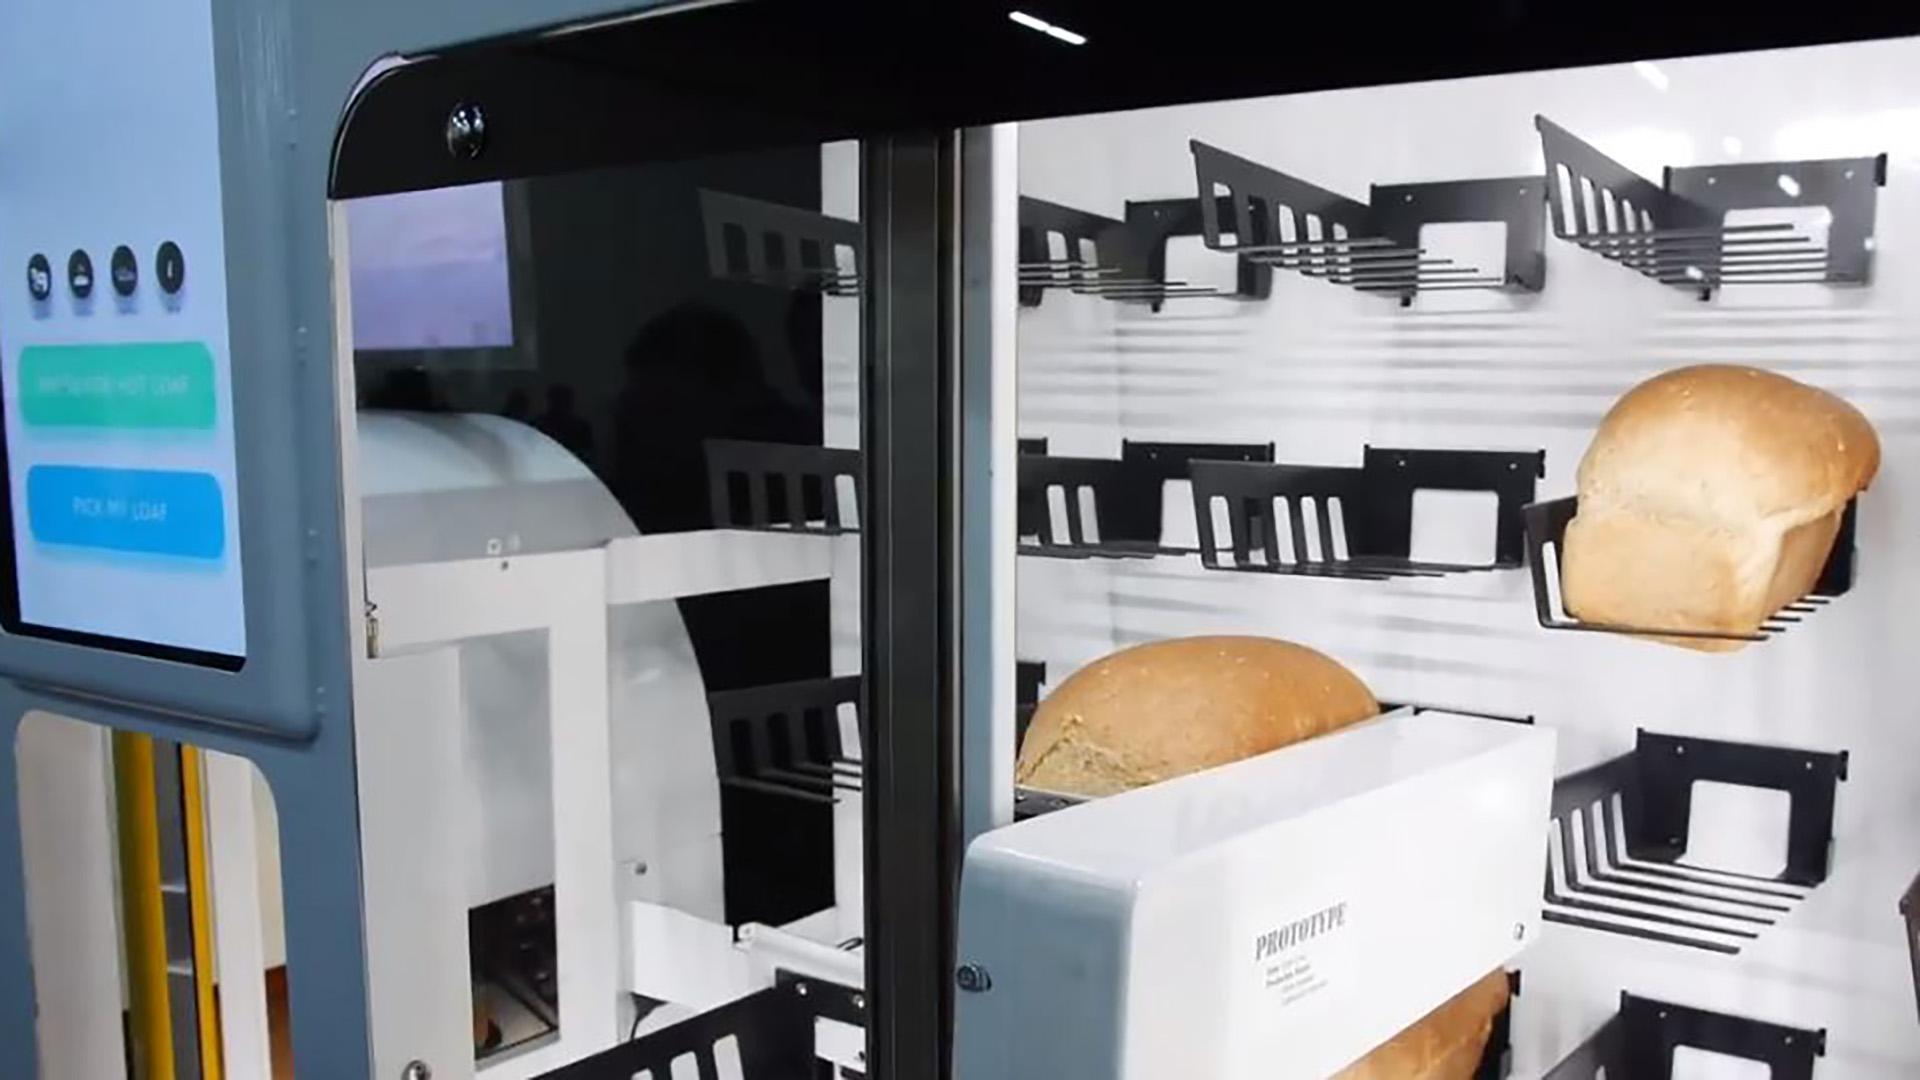 BreadBot, el robot panadero que sorprendió en la feria de tecnología en Las Vegas.